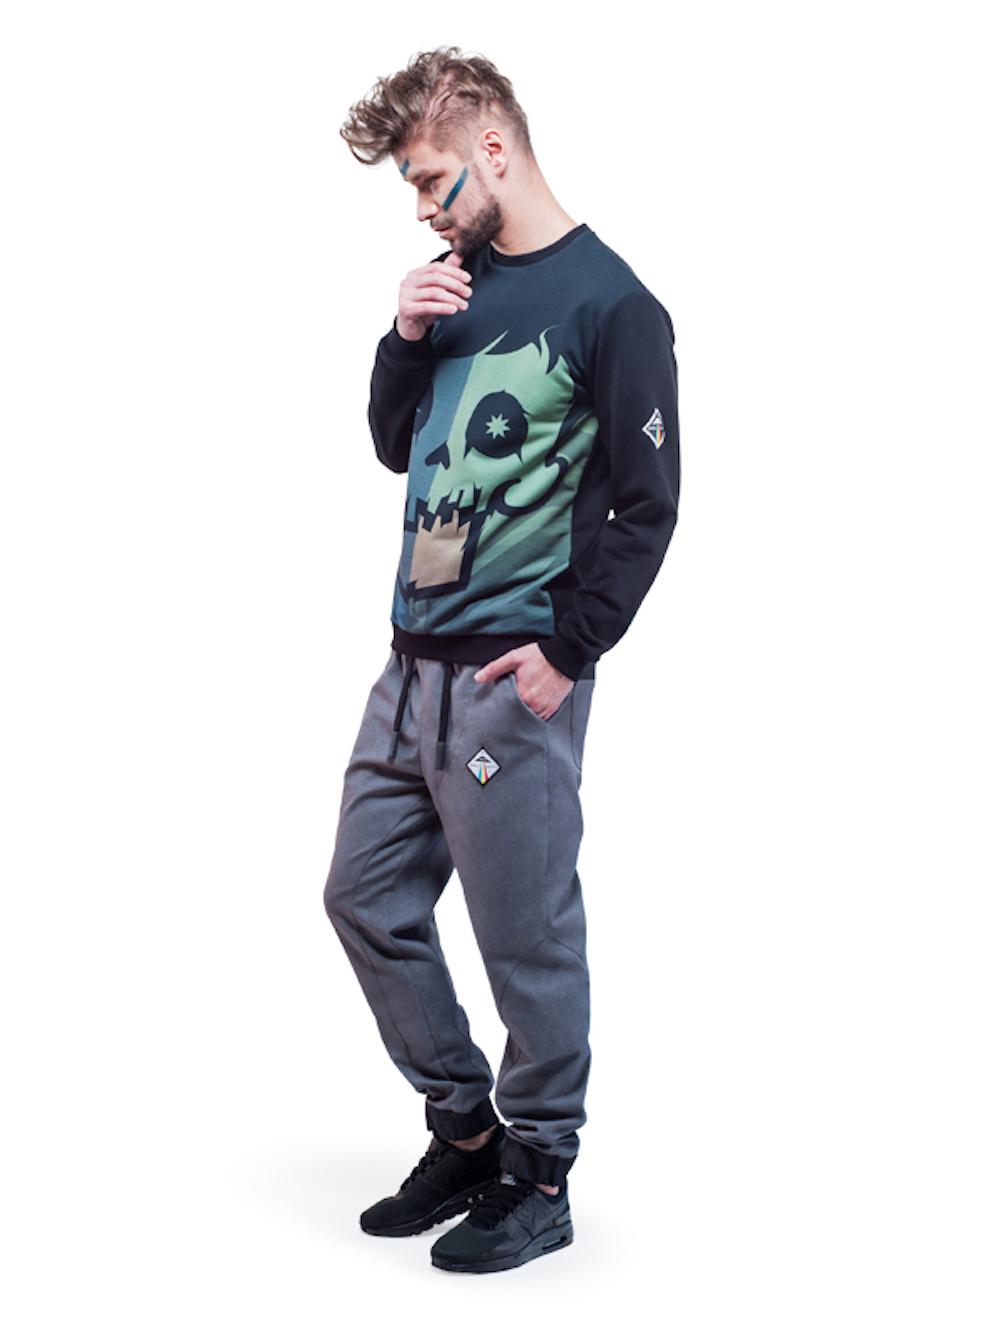 Crystal Skull Sweatshirt (Green) - Okuaku